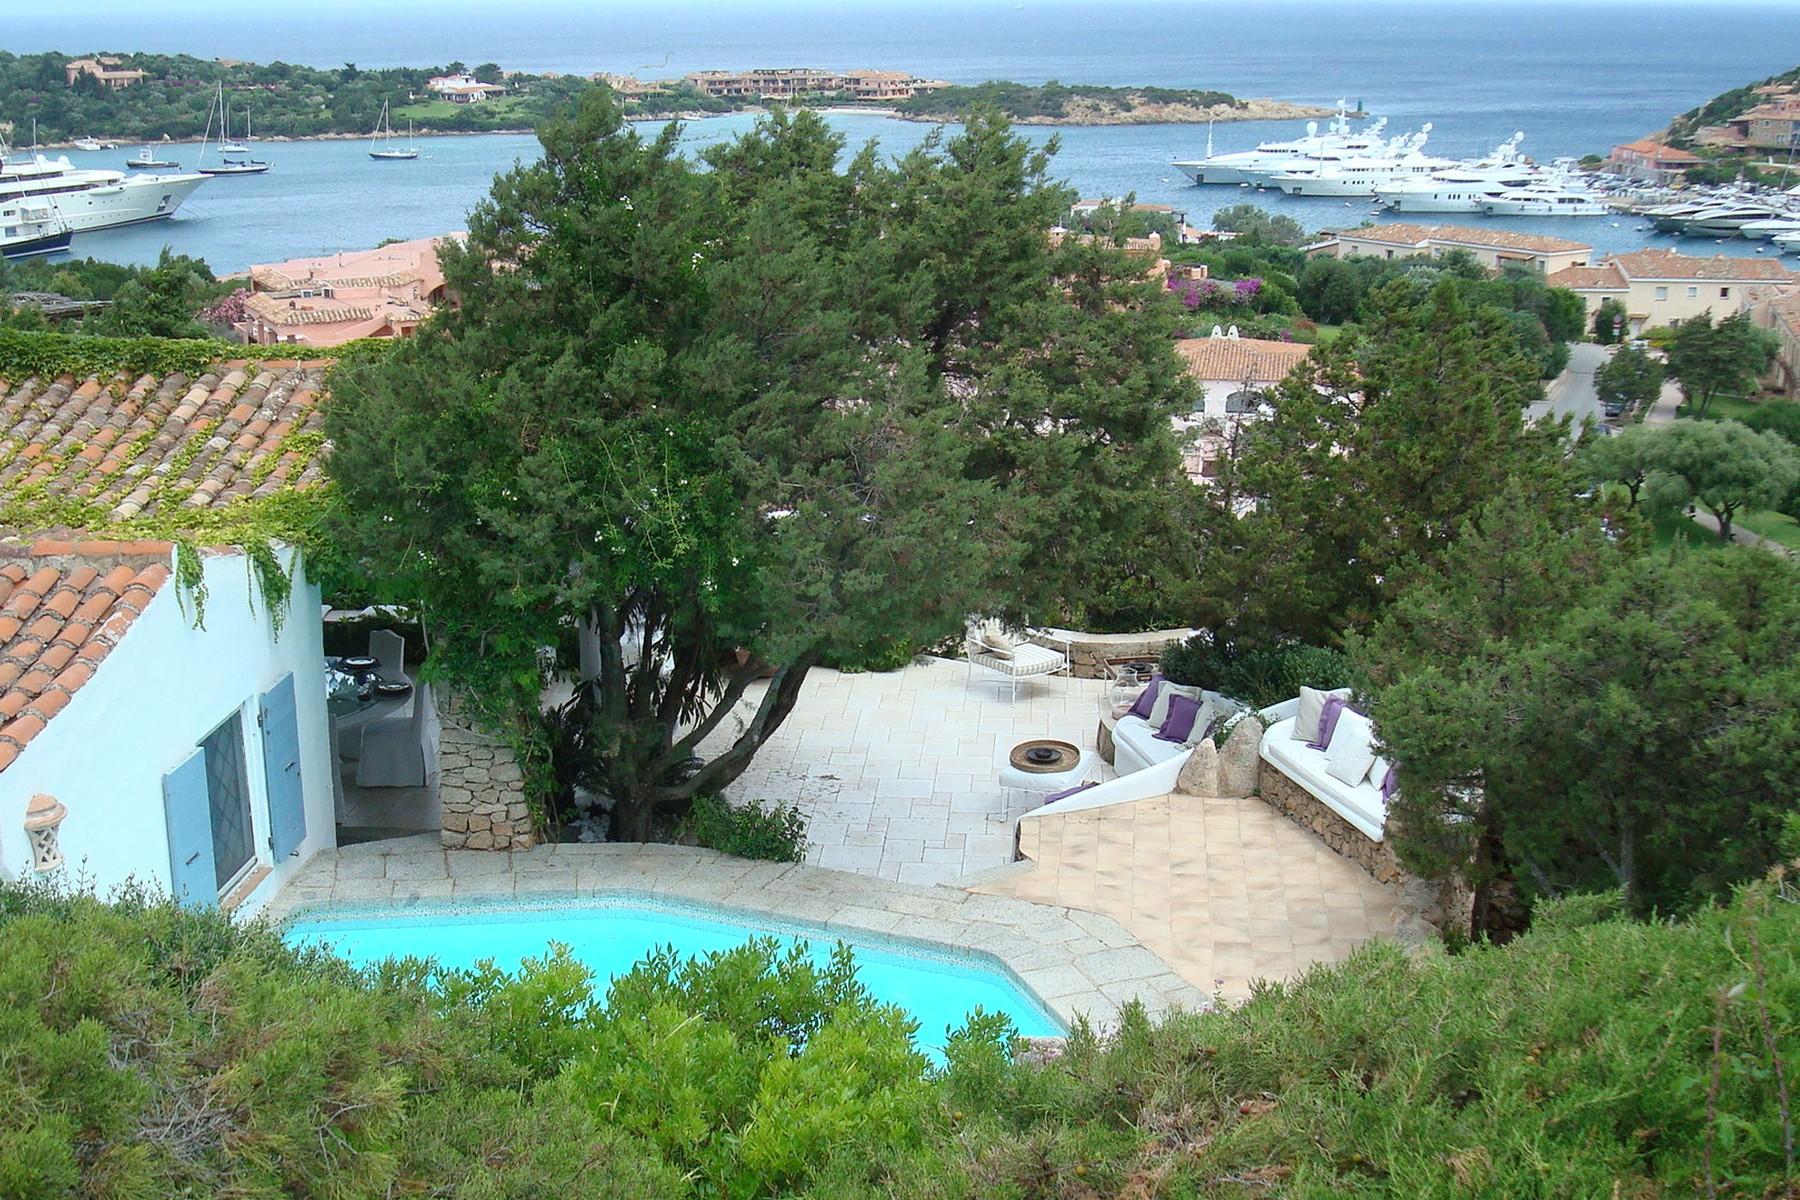 Other Residential for Sale at Beautiful Villa in Porto Cervo center Porto Cervo, Olbia Tempio, Italy